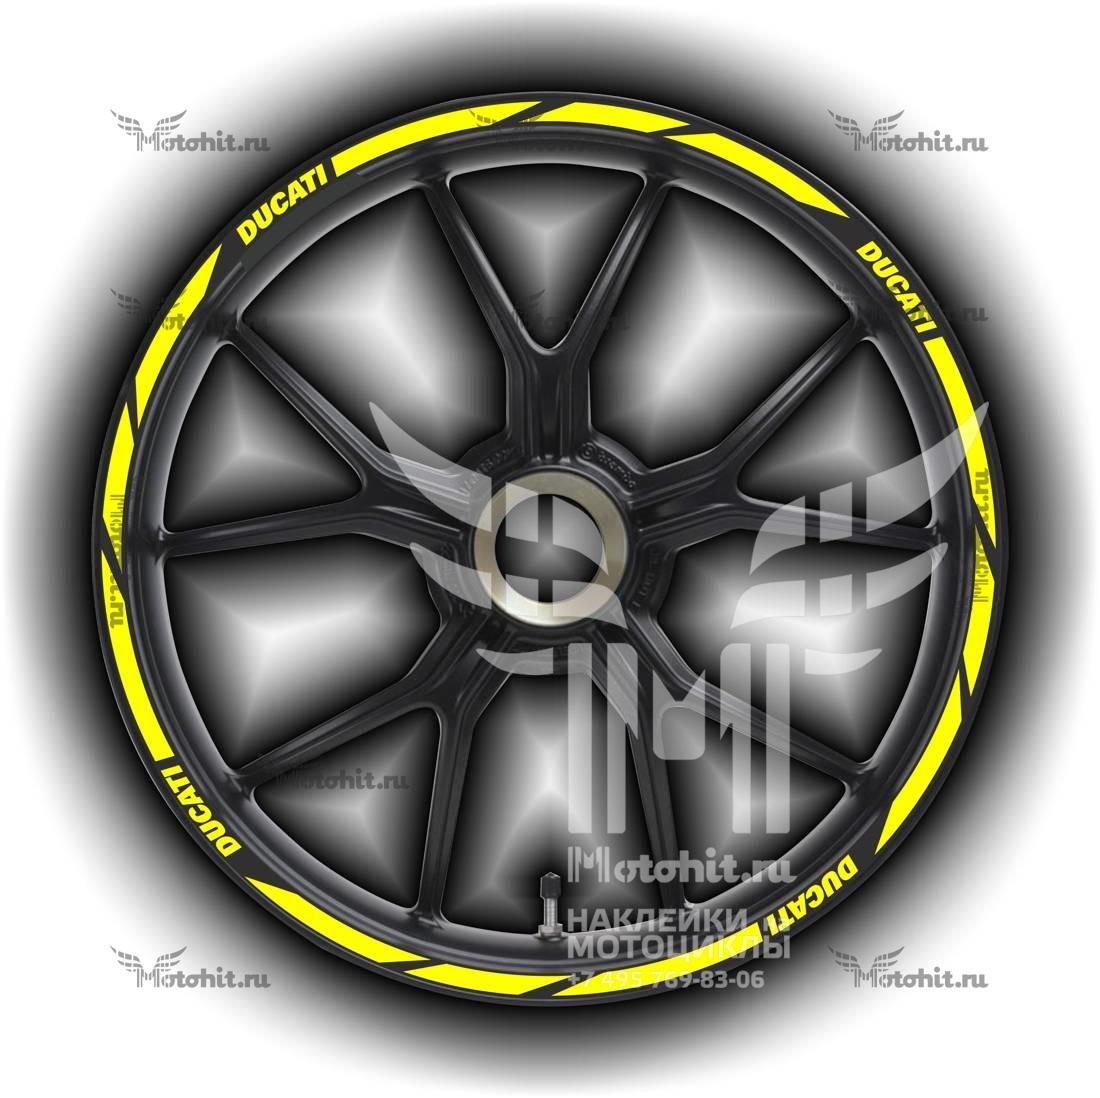 Комплект наклеек на обод колеса мотоцикла DUCATI